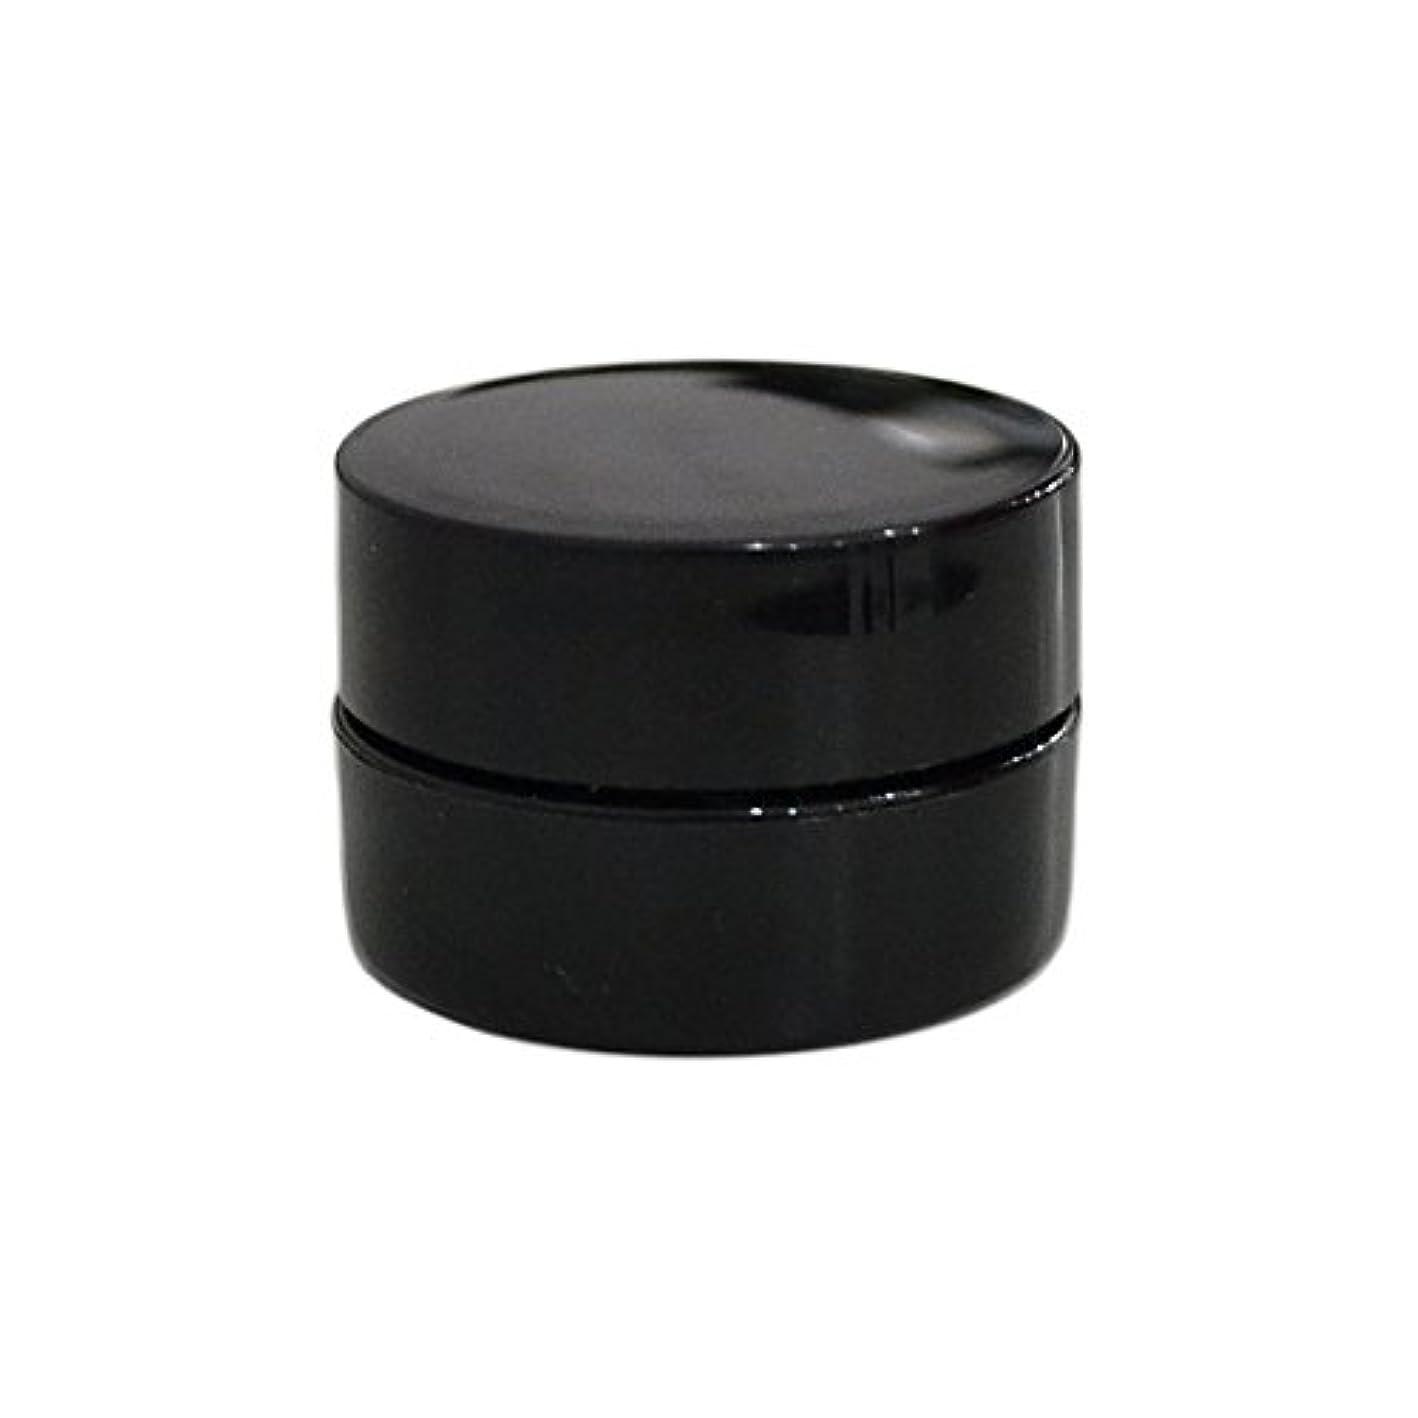 豊かな昼寝好意純国産ネイルジェルコンテナ 3g用 GA3g 漏れ防止パッキン&ブラシプレート付容器 ジェルを無駄なく使える底面傾斜あり 遮光 黒 ブラック